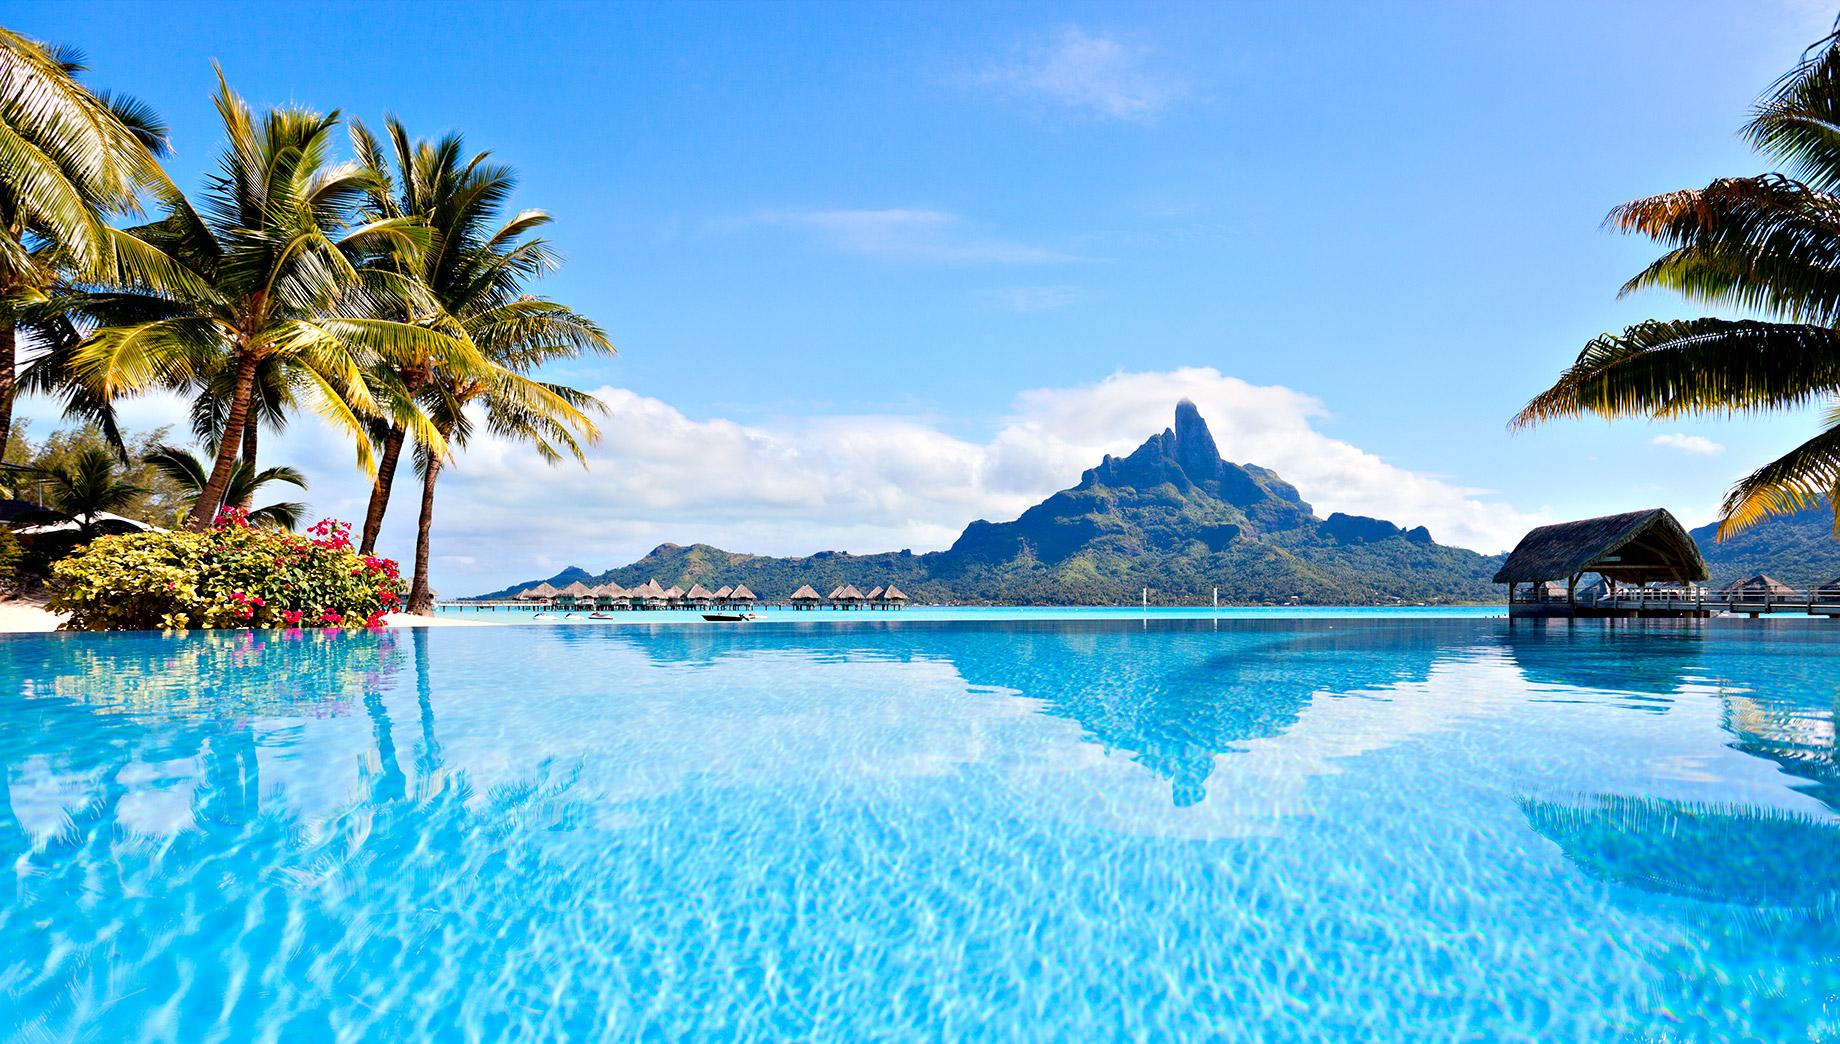 Bora-Bora, Polynésie française - Top 10 des destinations de voyage de luxe dans le monde